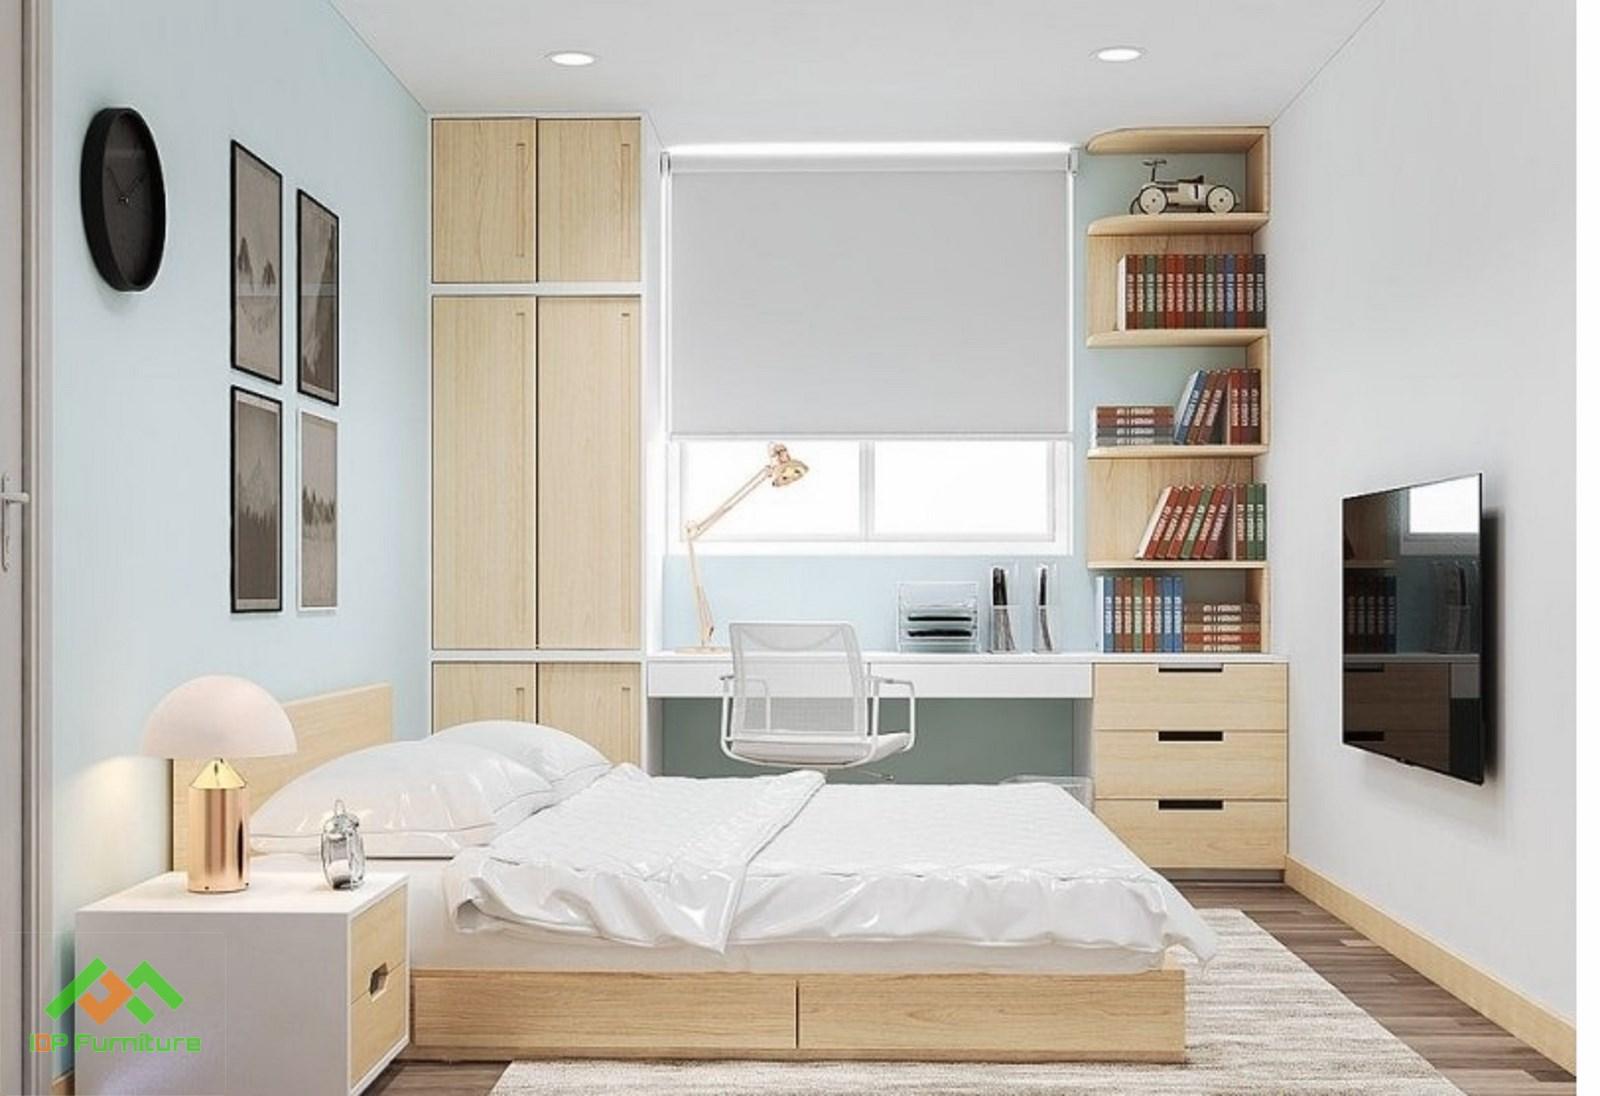 Thiết kế nội thất chung cư nghĩa đô